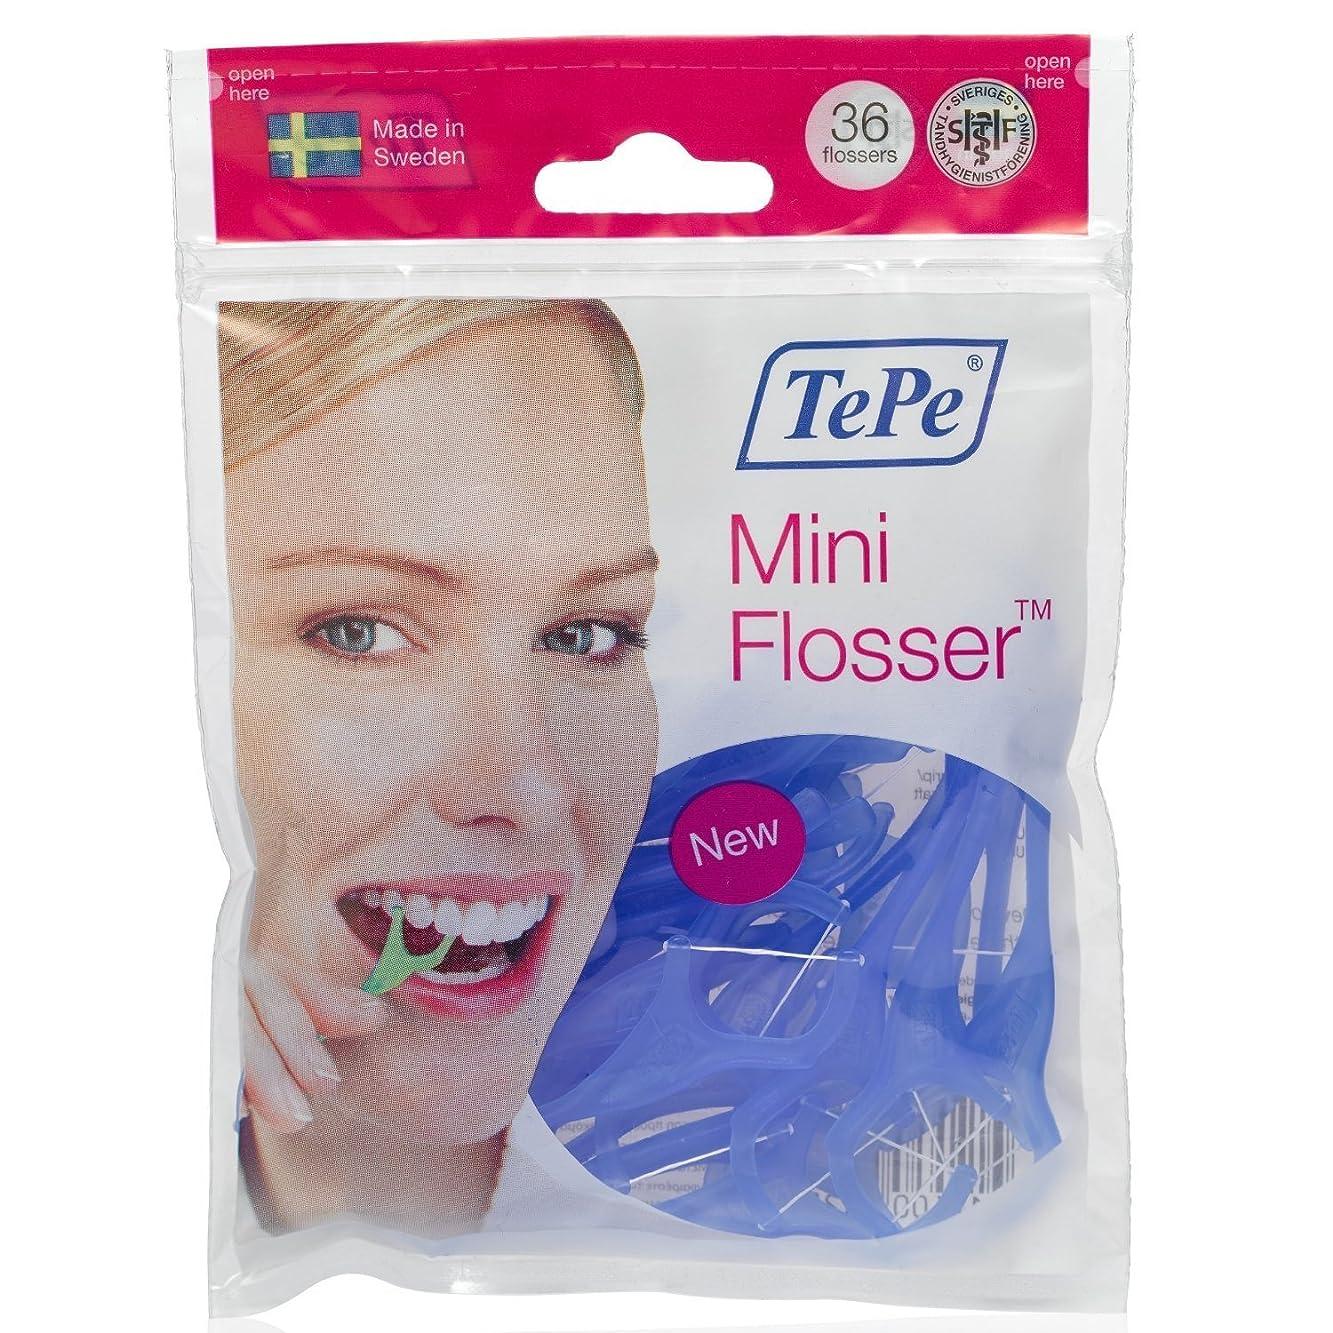 バトルウォルターカニンガムシャックル5Pack TePe Mini Flosser Dental Floss Holder 5x 36 pieces by TePe